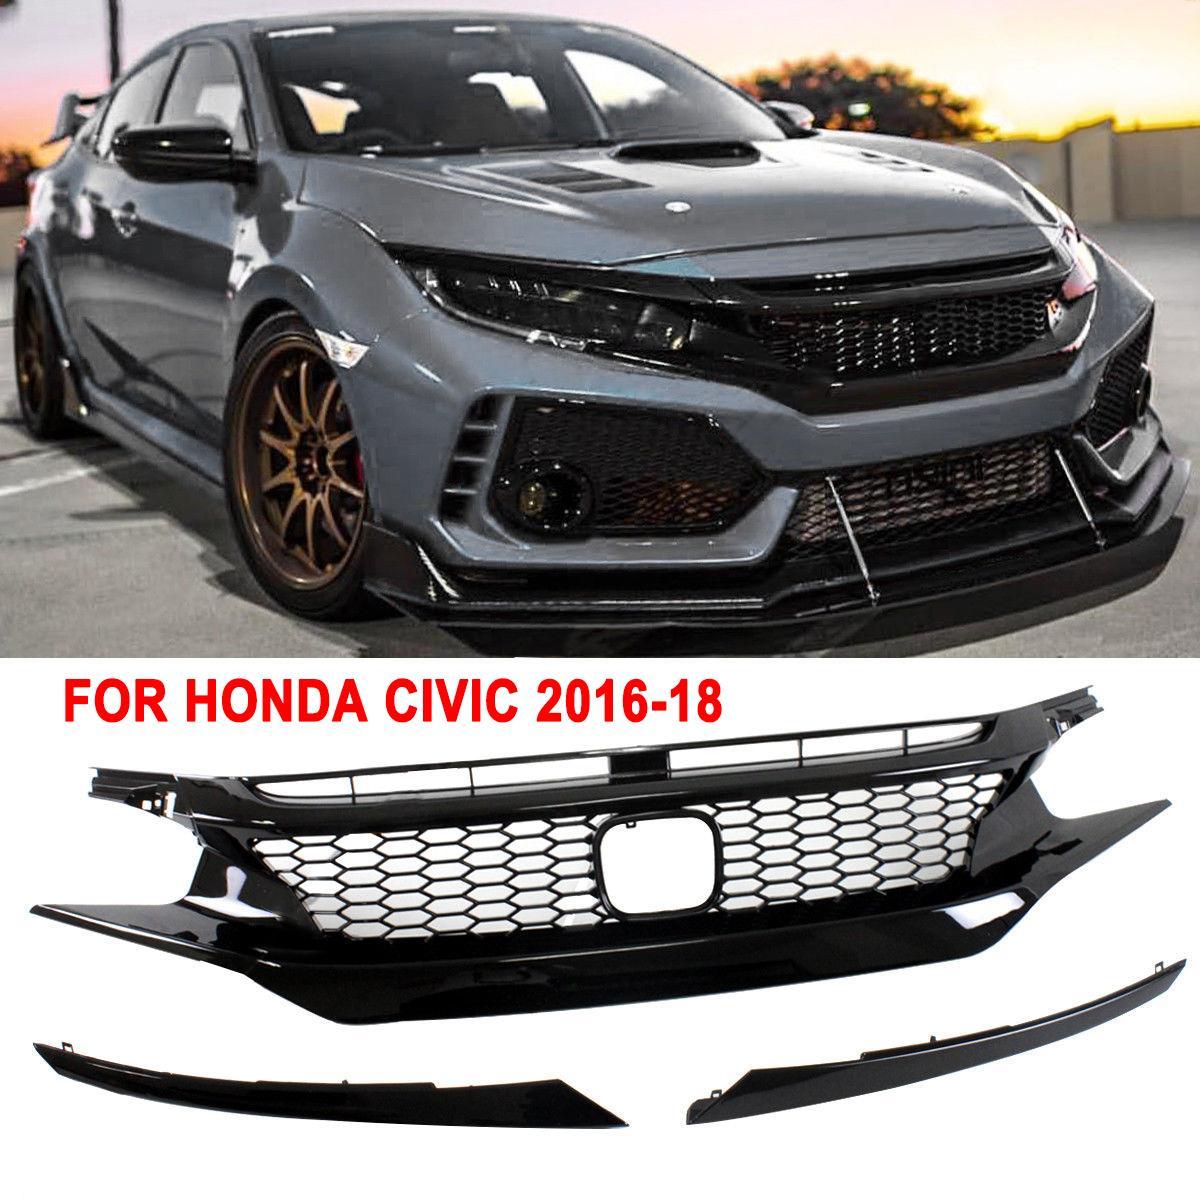 Honda for civic 용 새 교체 부품 2016 2017 2018 2019 10th gen JDM-CTR 스타일 광택 블랙 메쉬 프론트 후드 그릴